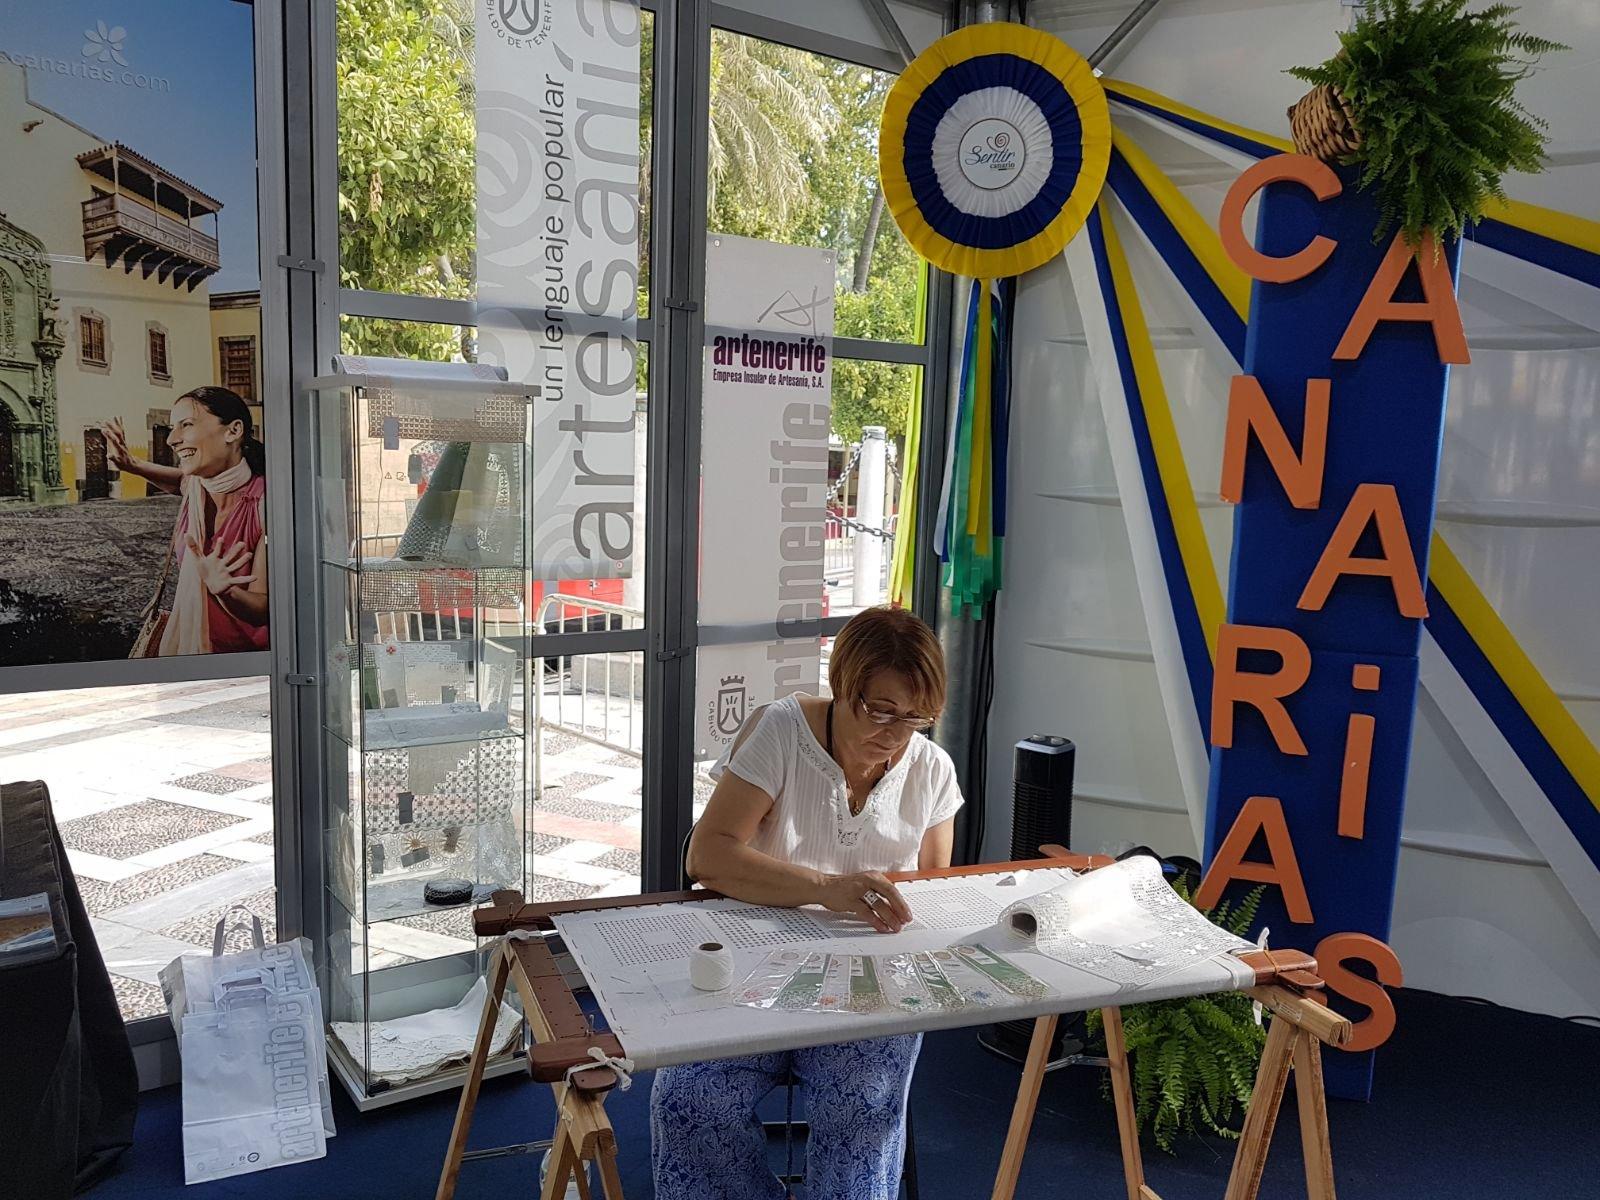 La artesan a de tenerife destaca en el ix encuentro de casas regionales y provinciales en - Trabajo desde casa tenerife ...